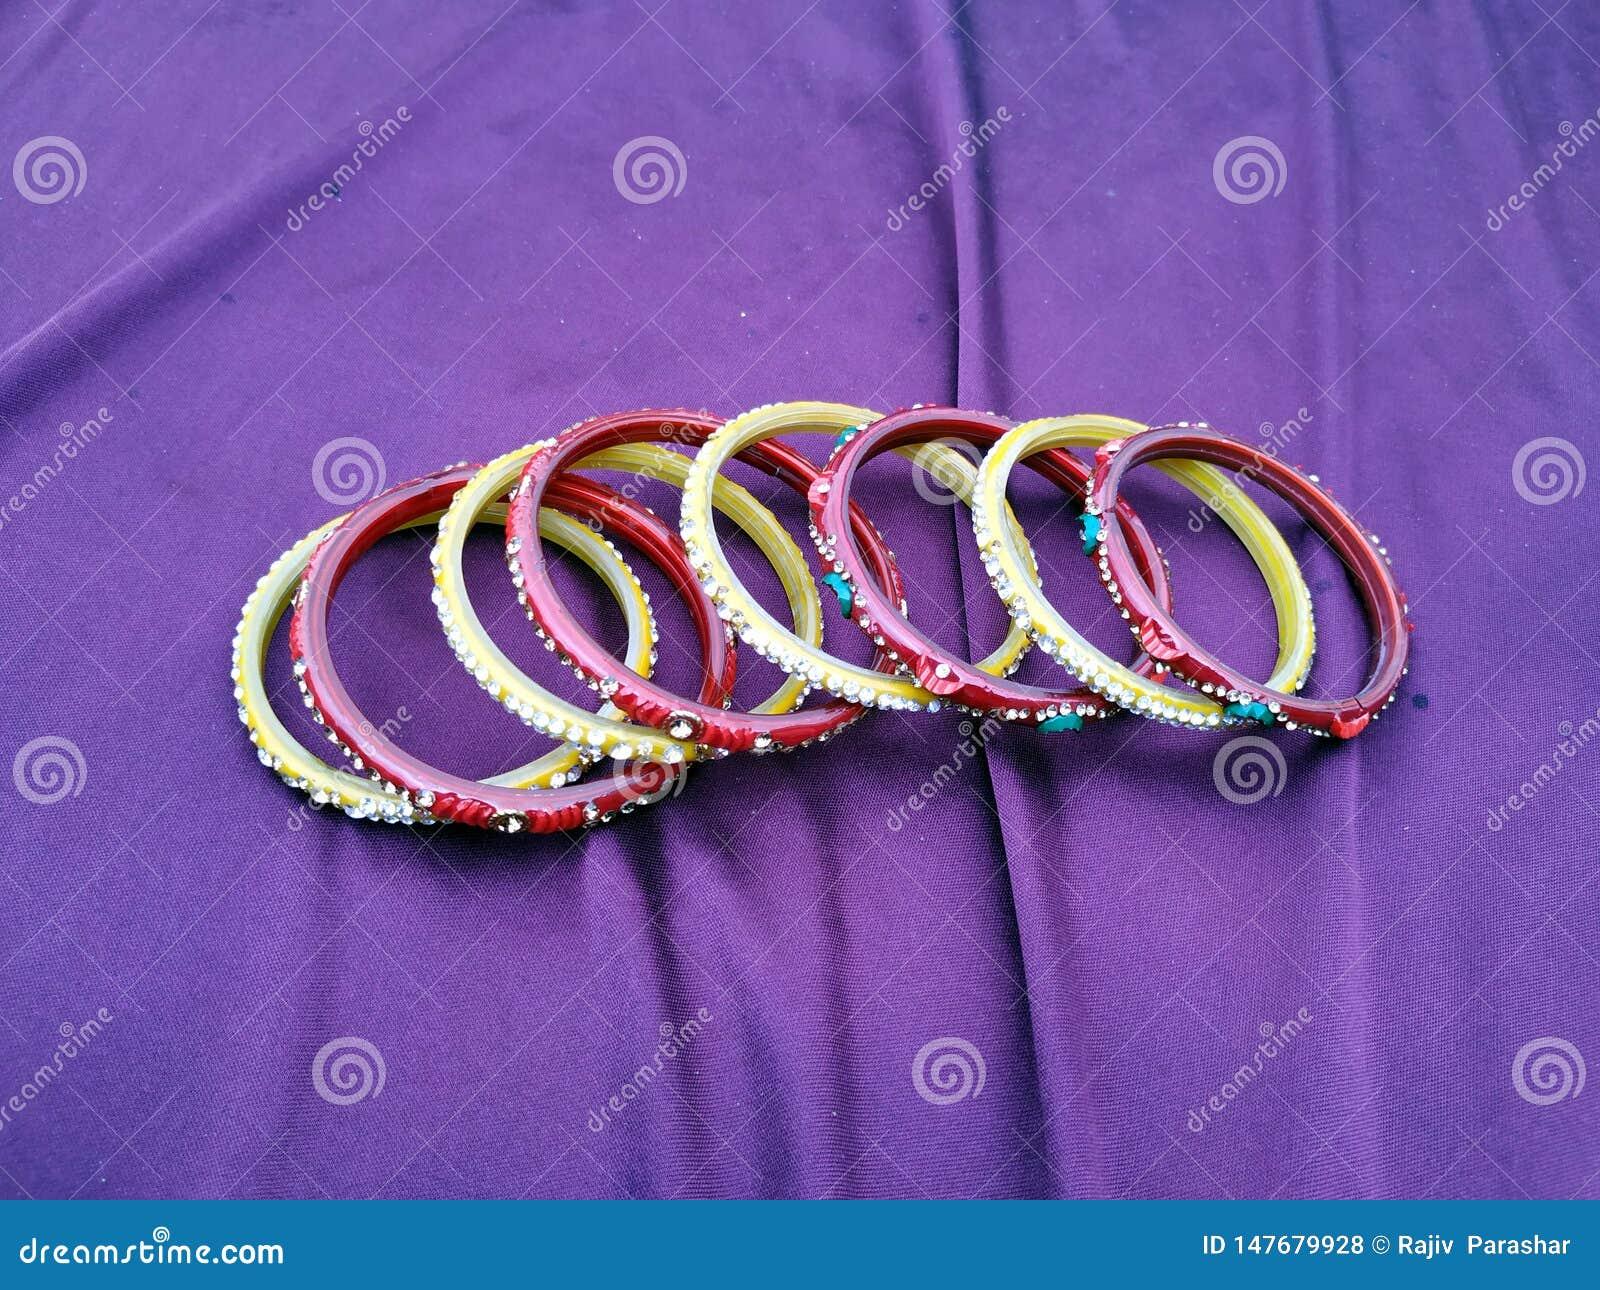 Brazaletes indios muchos brazaletes del color en el fondo violeta